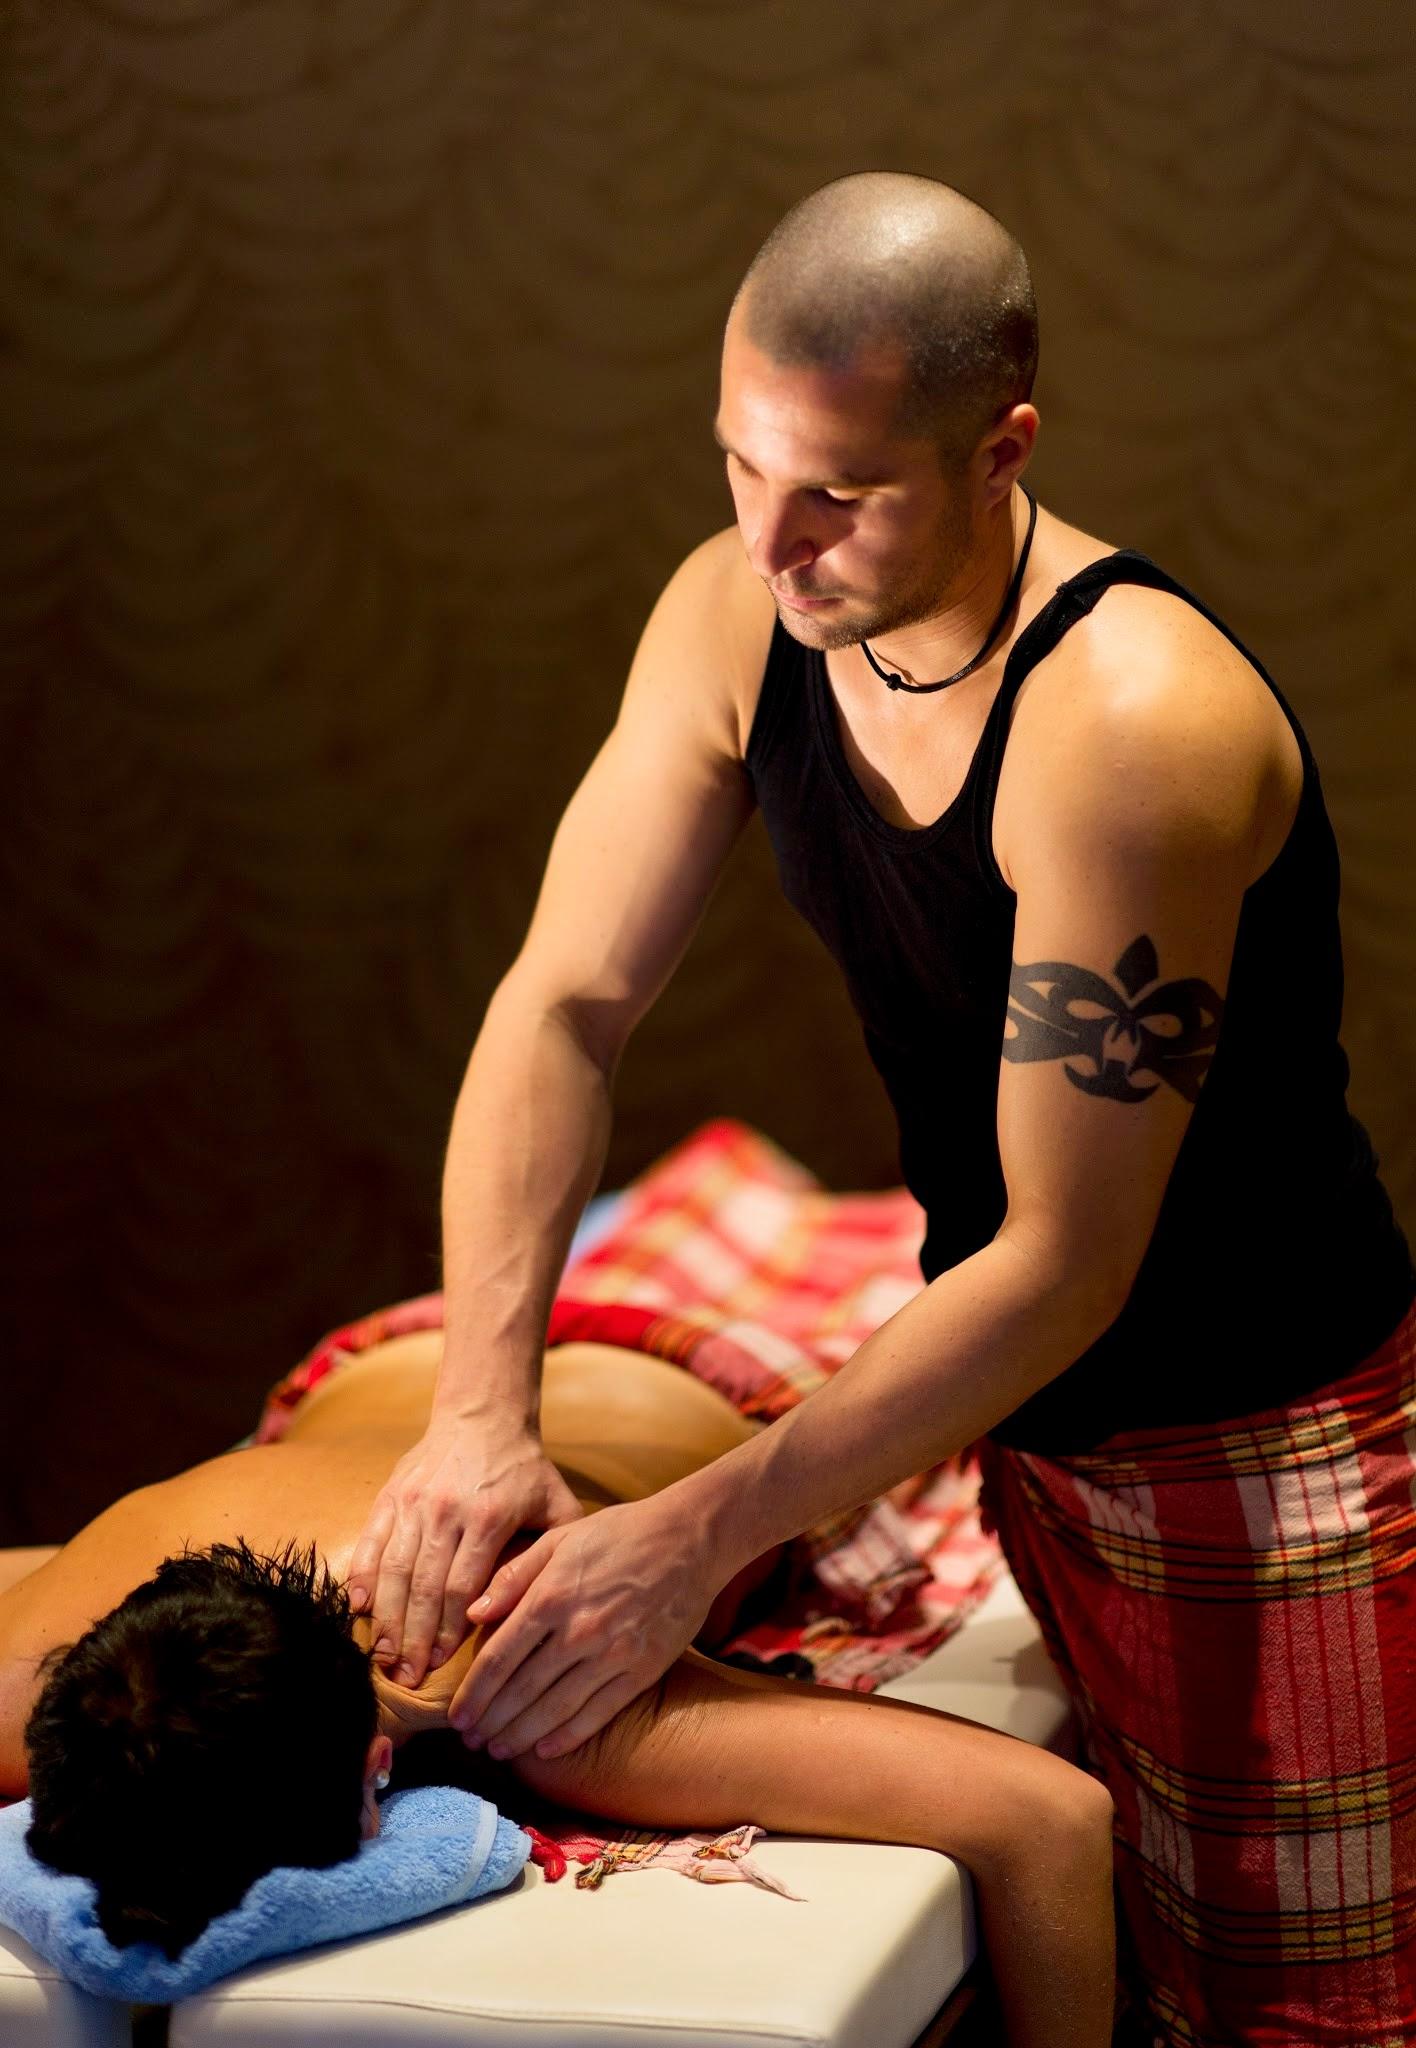 tantrisk massasje oslo gay sauna